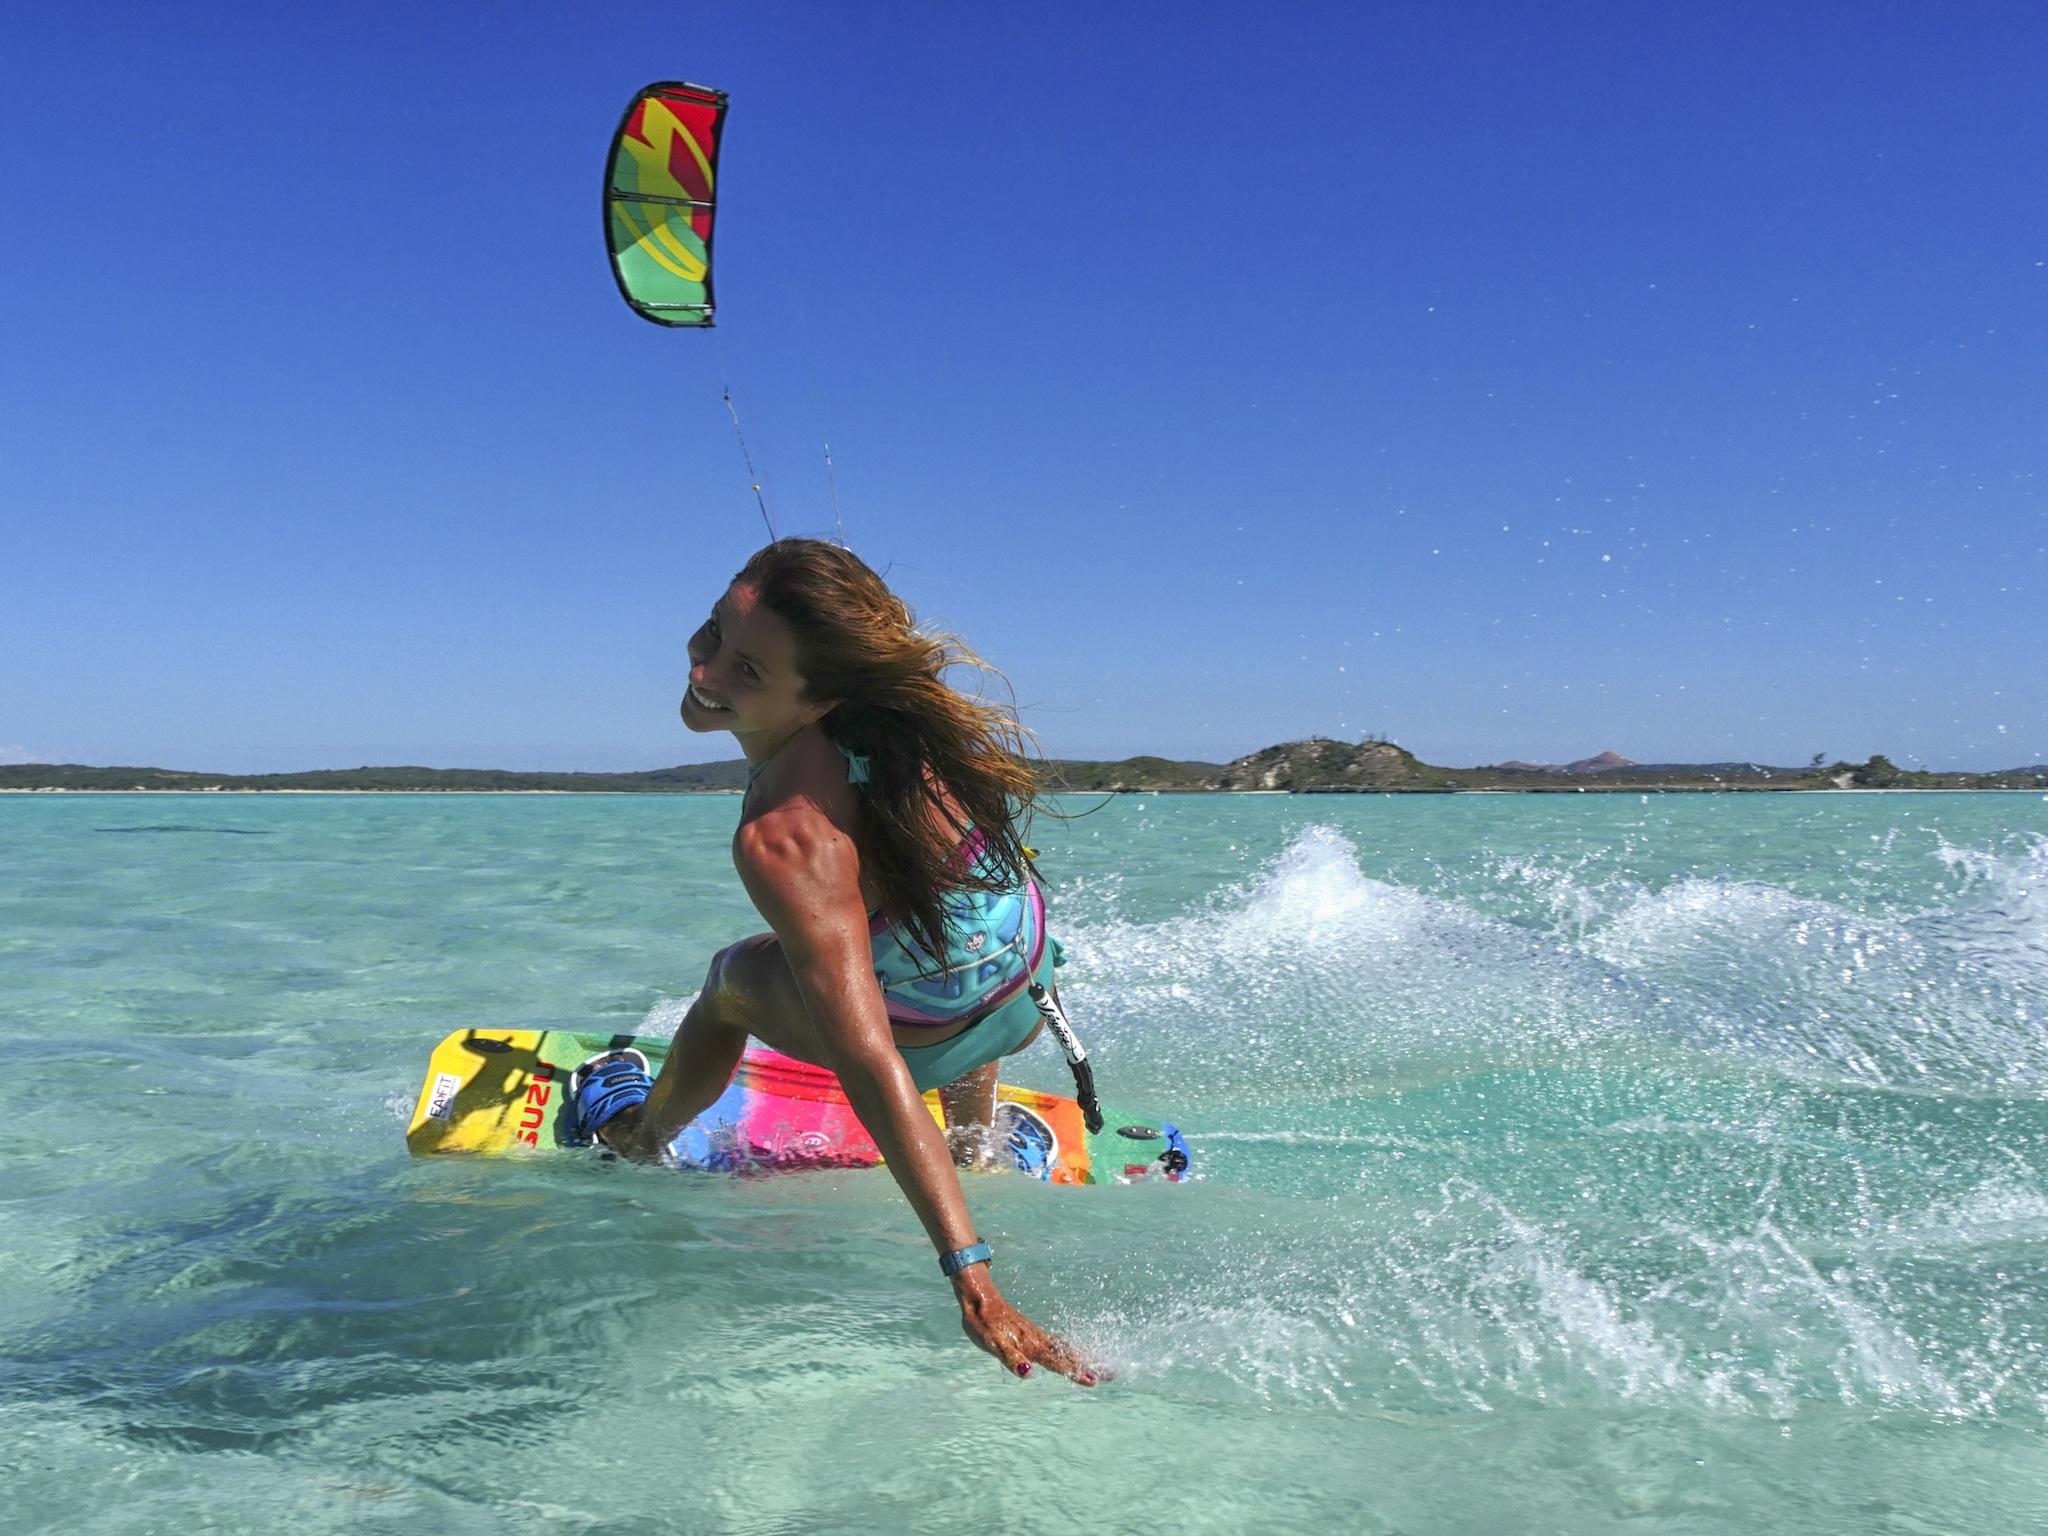 Kitesurf Madagascar, Diego suarez tour